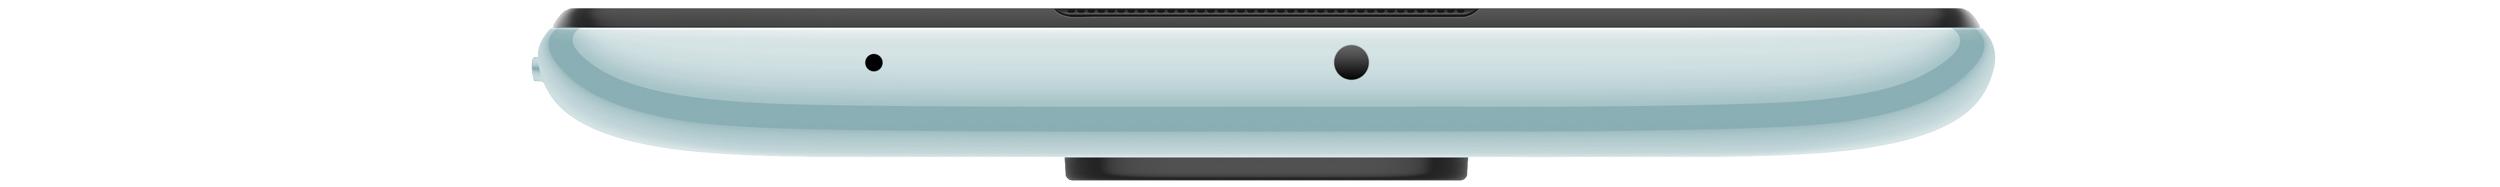 Smartphone Redmi Note 9 -Global - 4+128GB - Alb